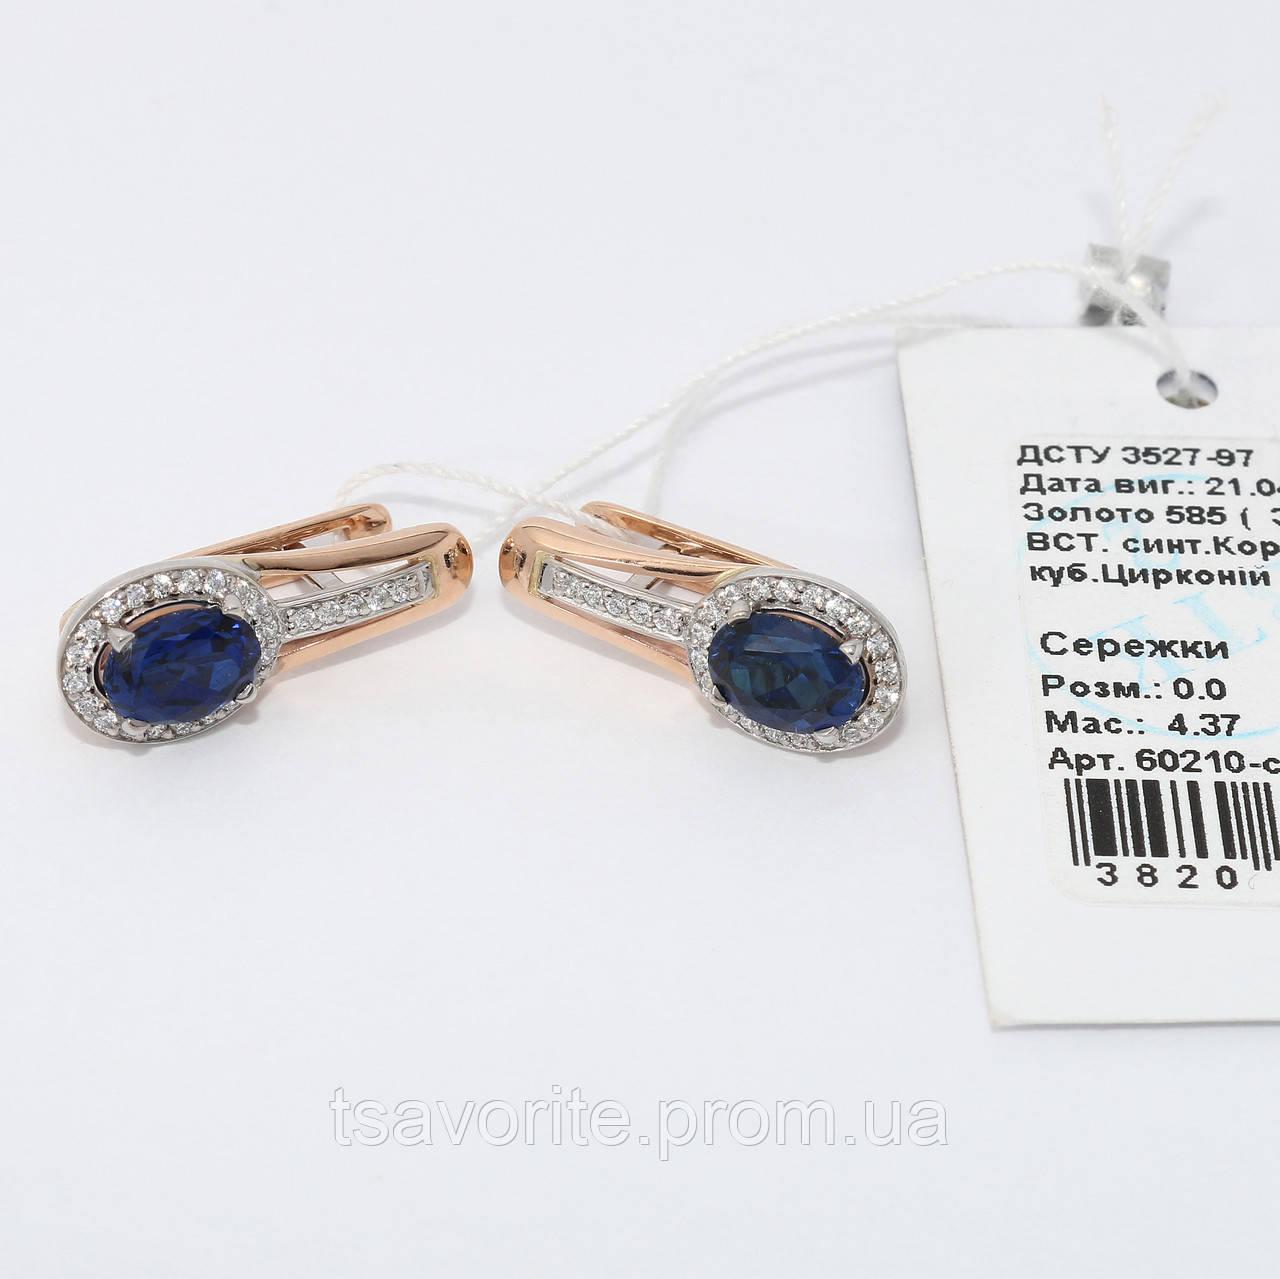 Золотые серьги с искусственными сапфирами 60210-с.кор.сапф